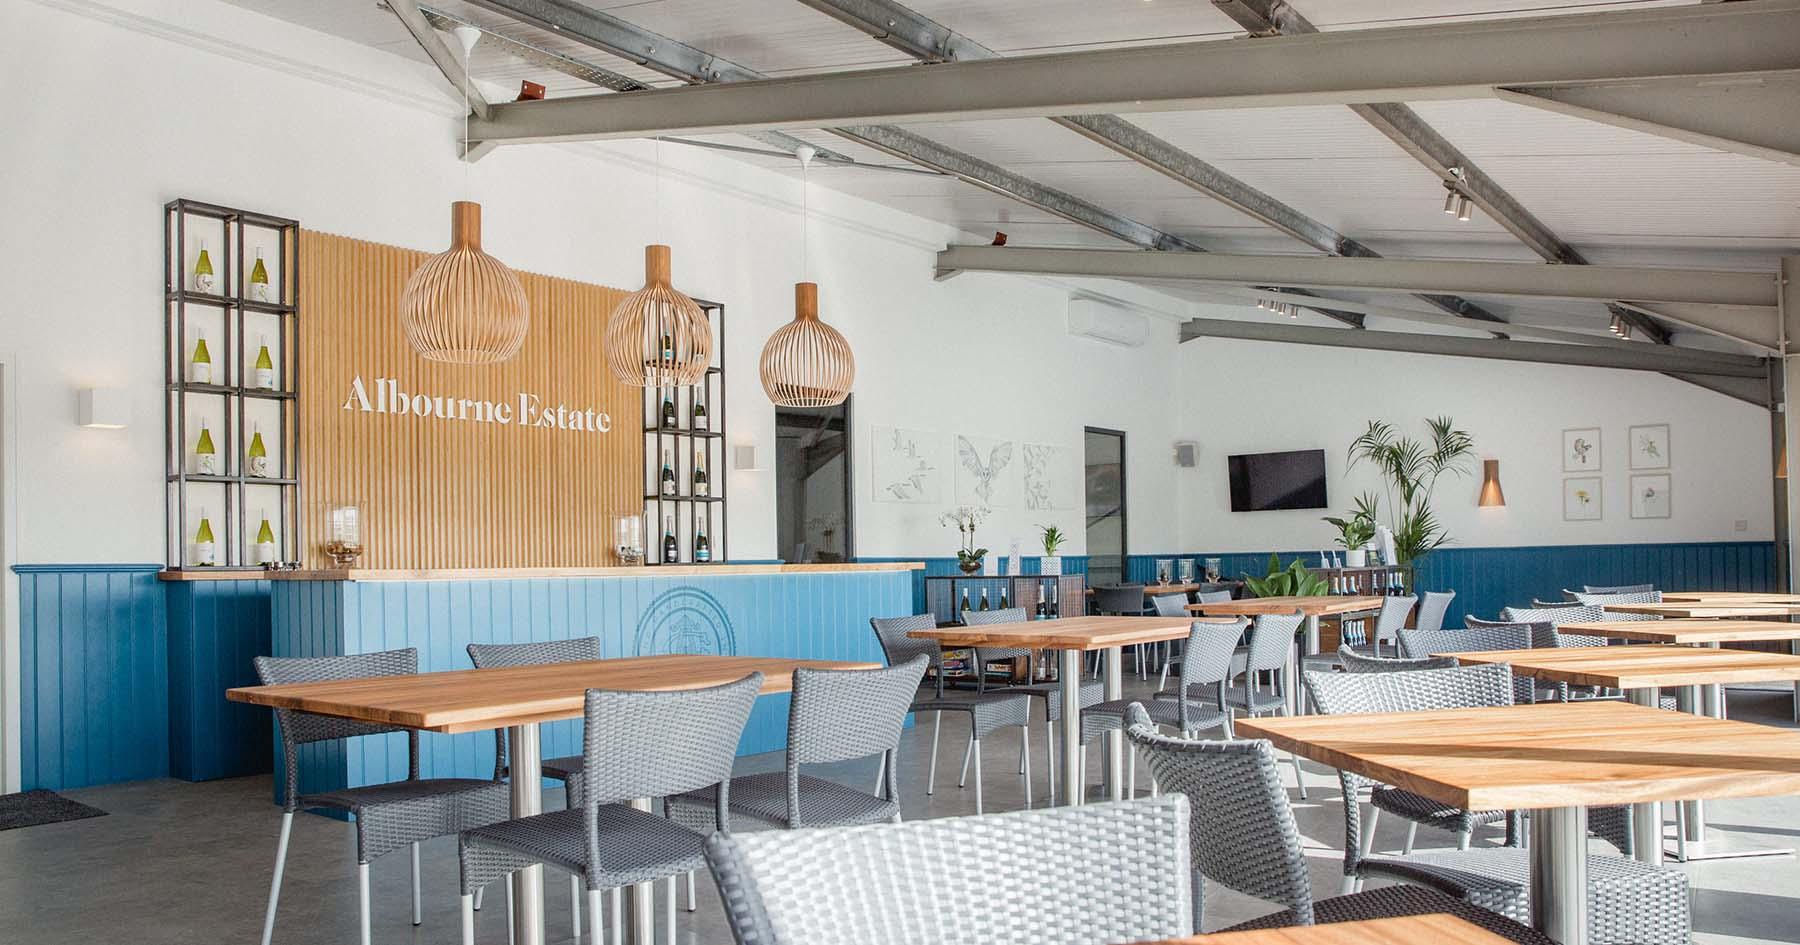 Albourne Estate - Sussex Vineyard - Tasting Room